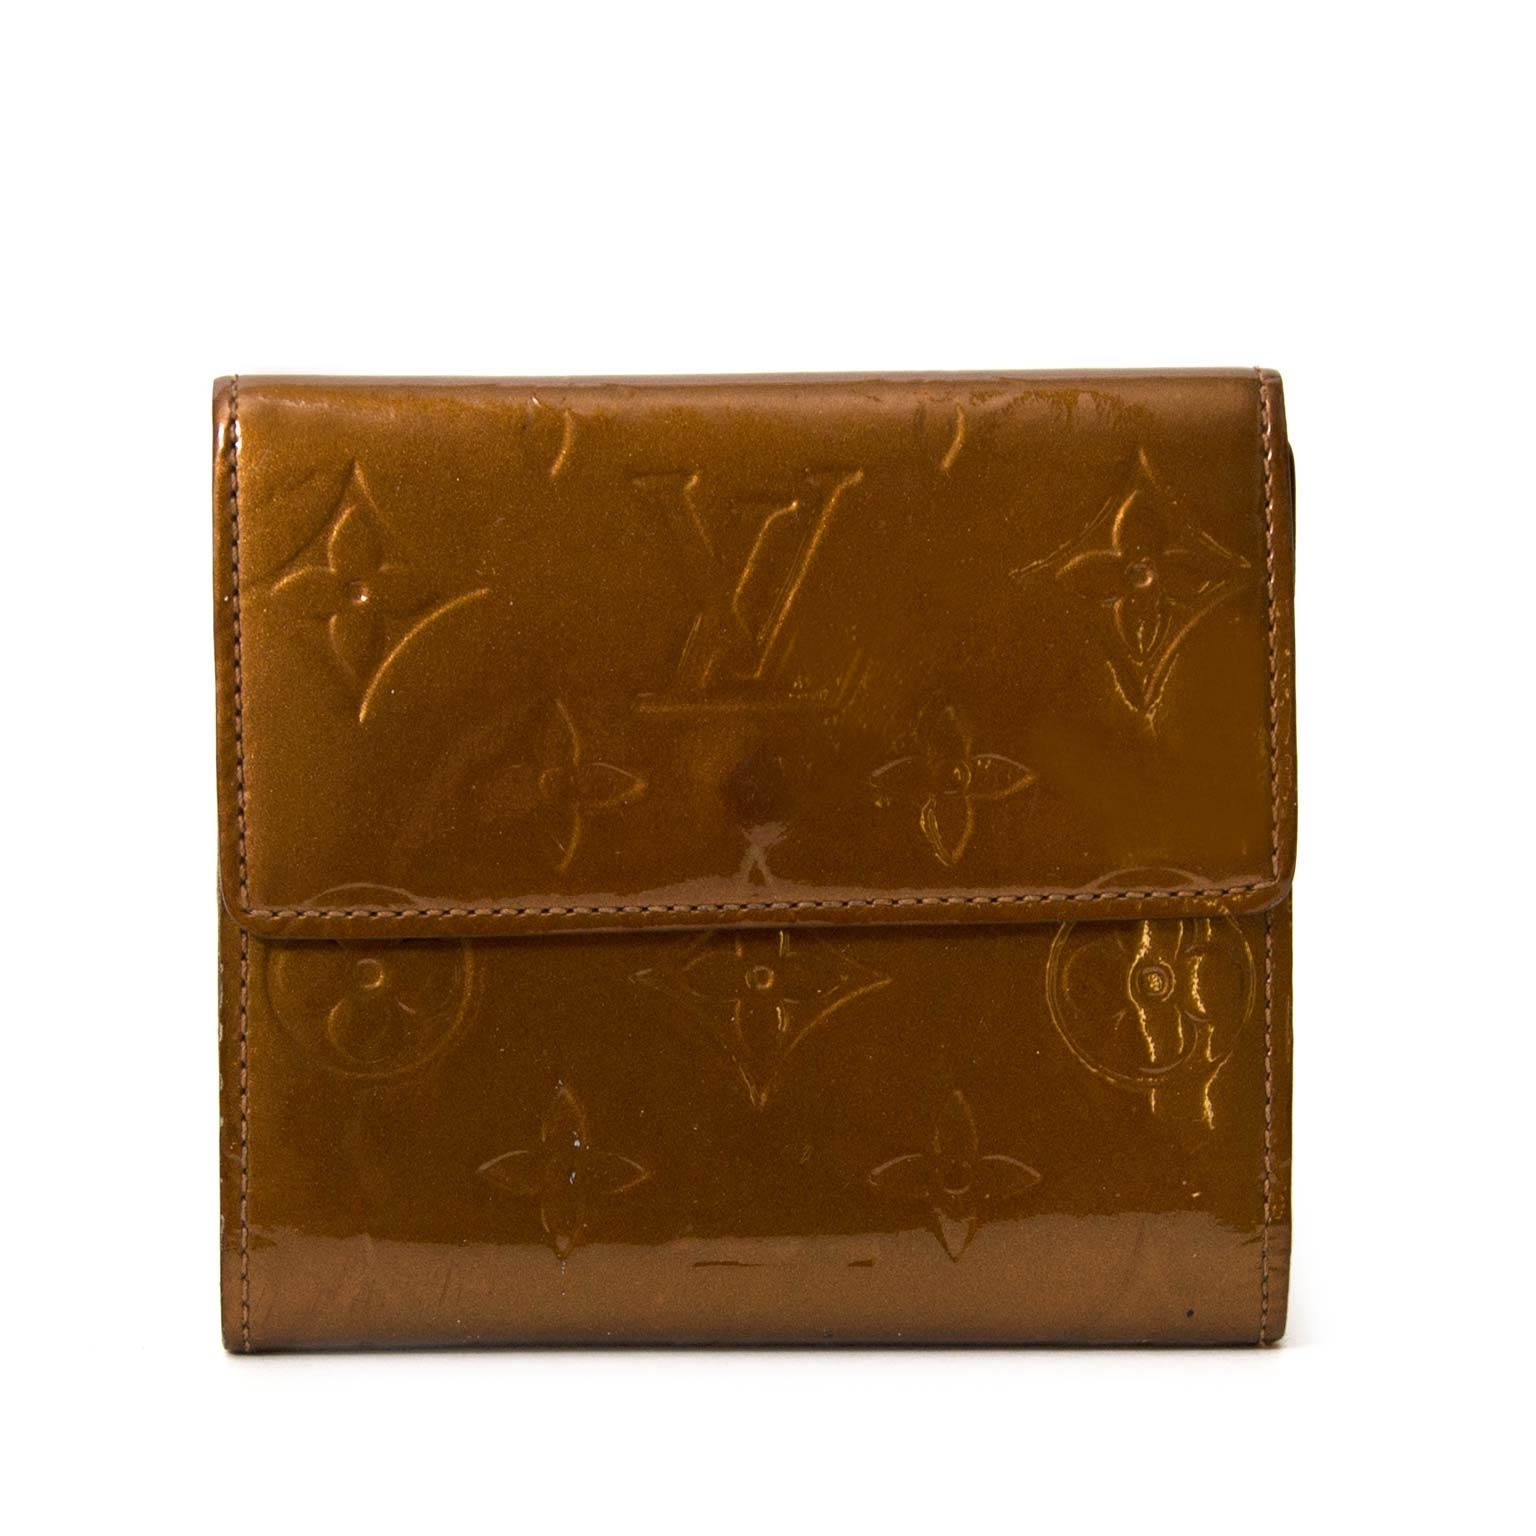 Koop en verkoop uw authentieke Louis Vuitton Bronze Vernis Leather Elise Wallet aan de beste prijs